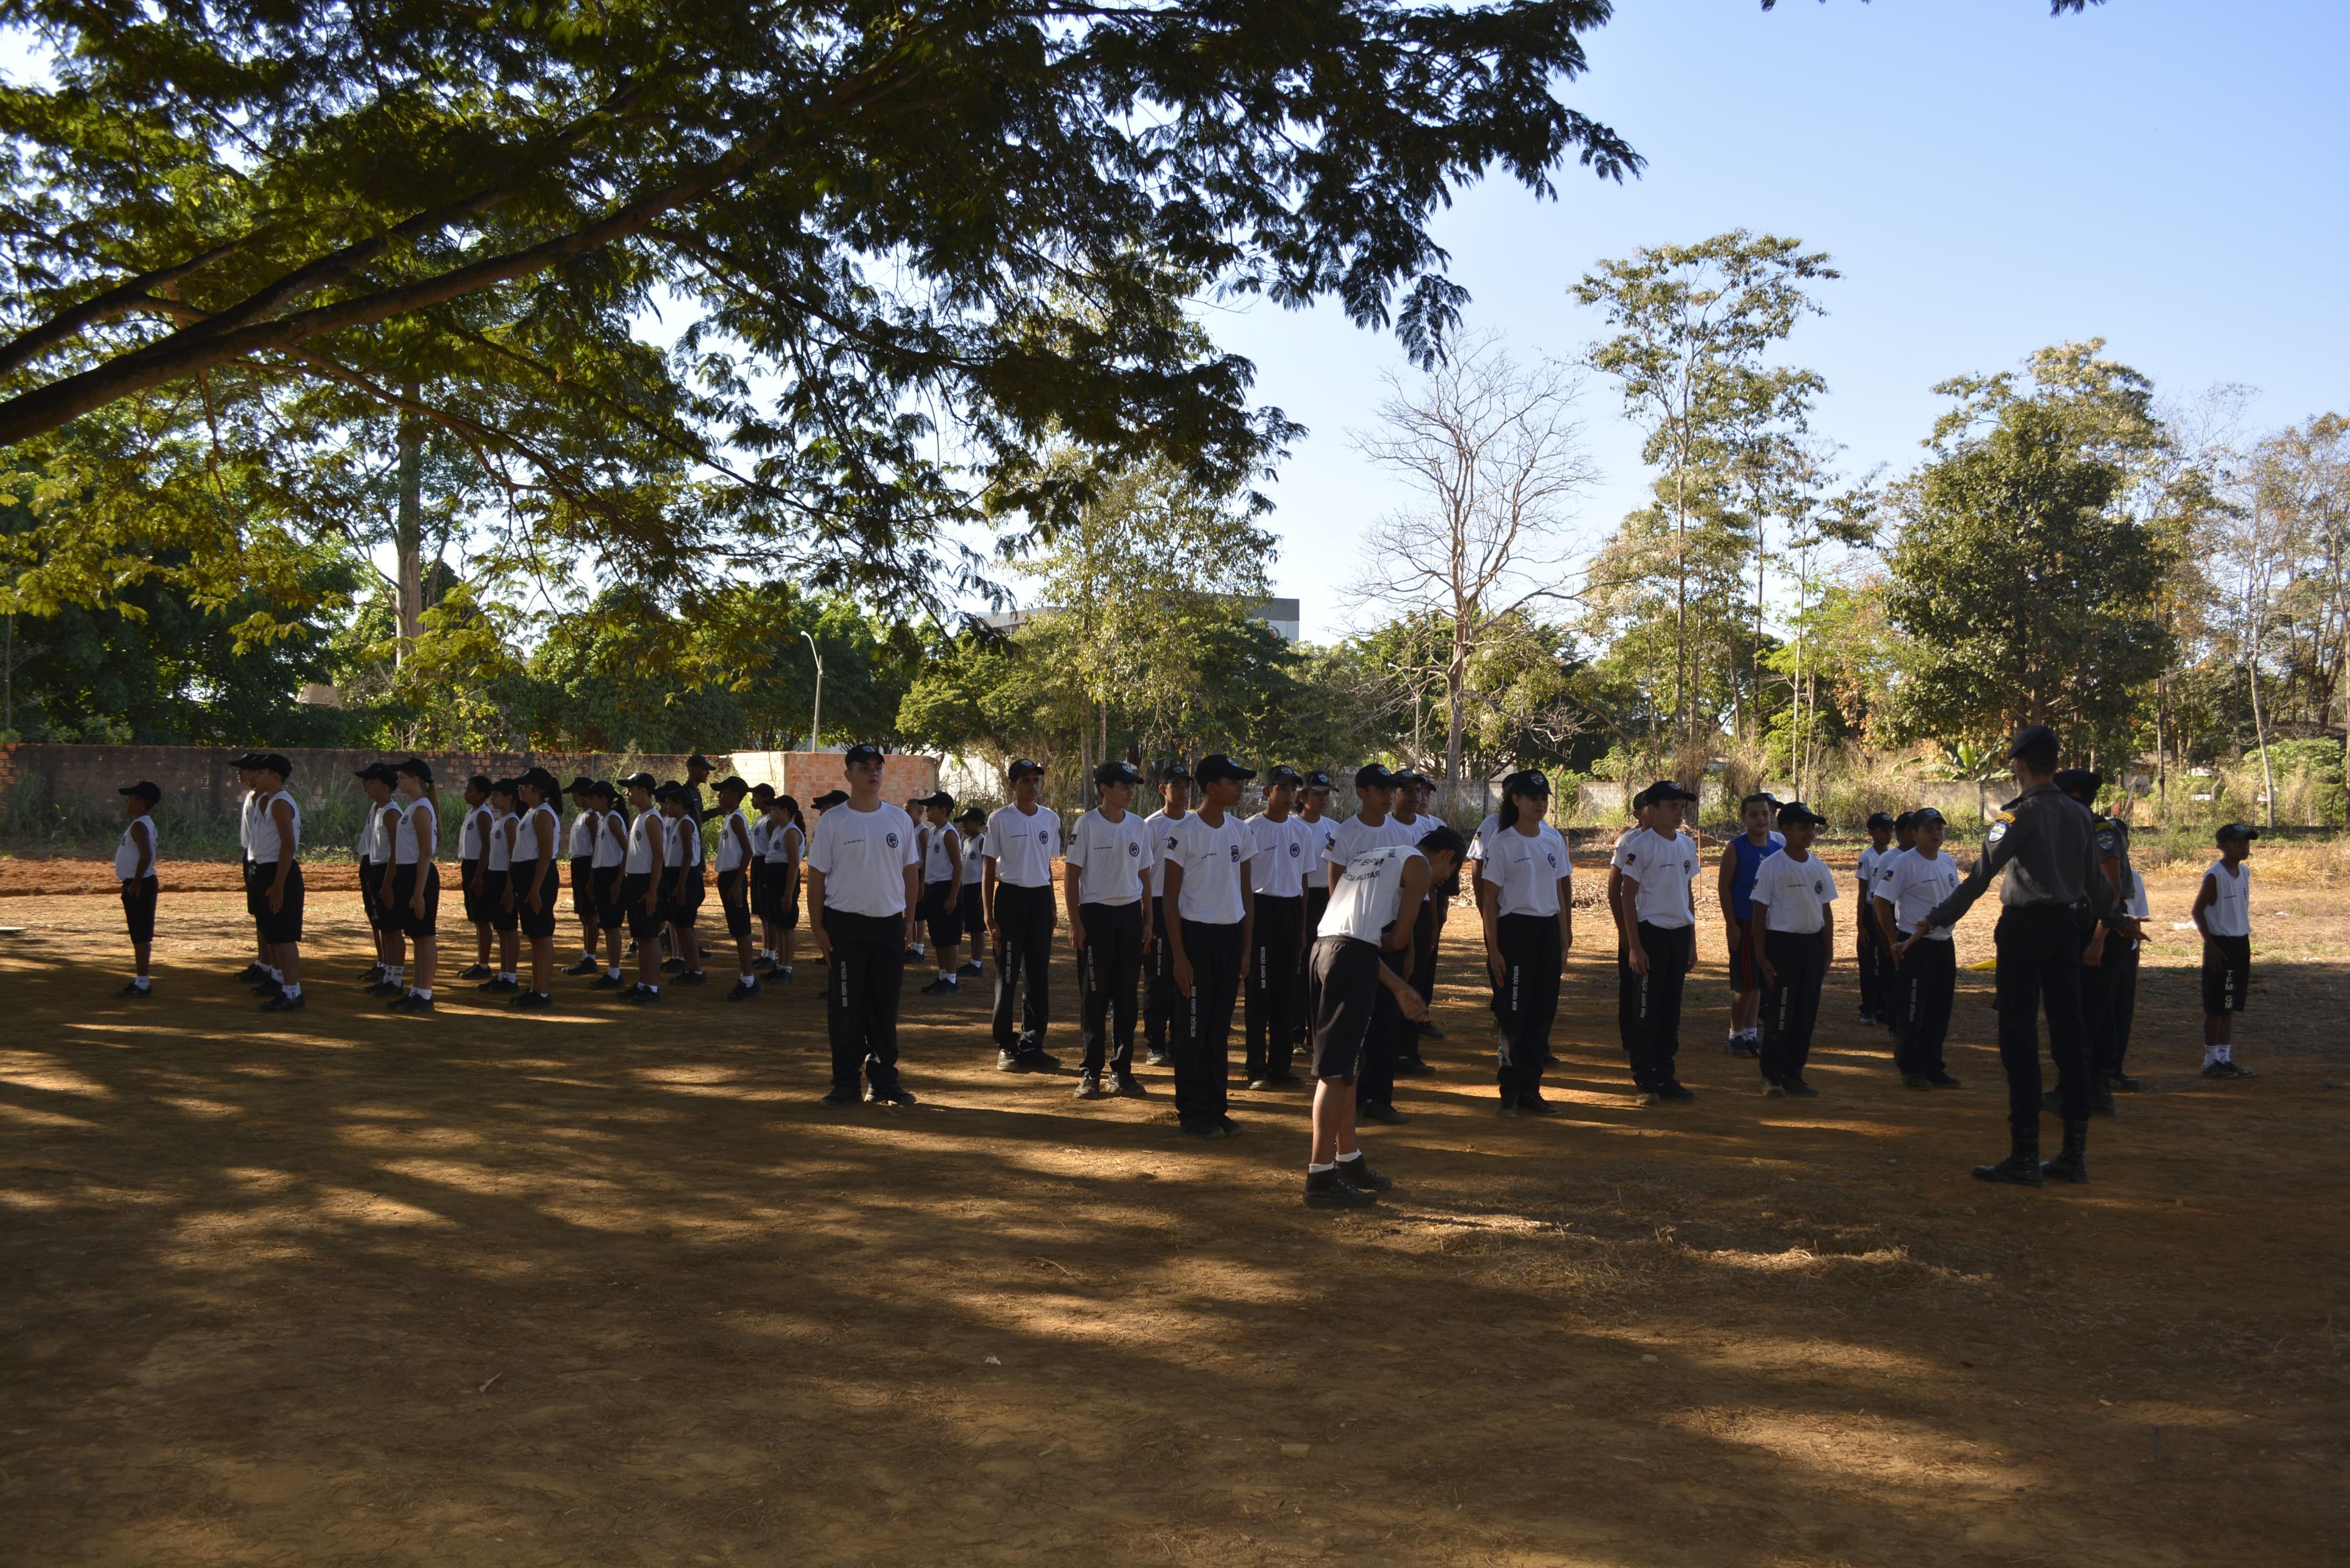 Pais de alunos têm colaborado com mensalidades para ajudar a manter Guarda Mirim em Ariquemes, RO